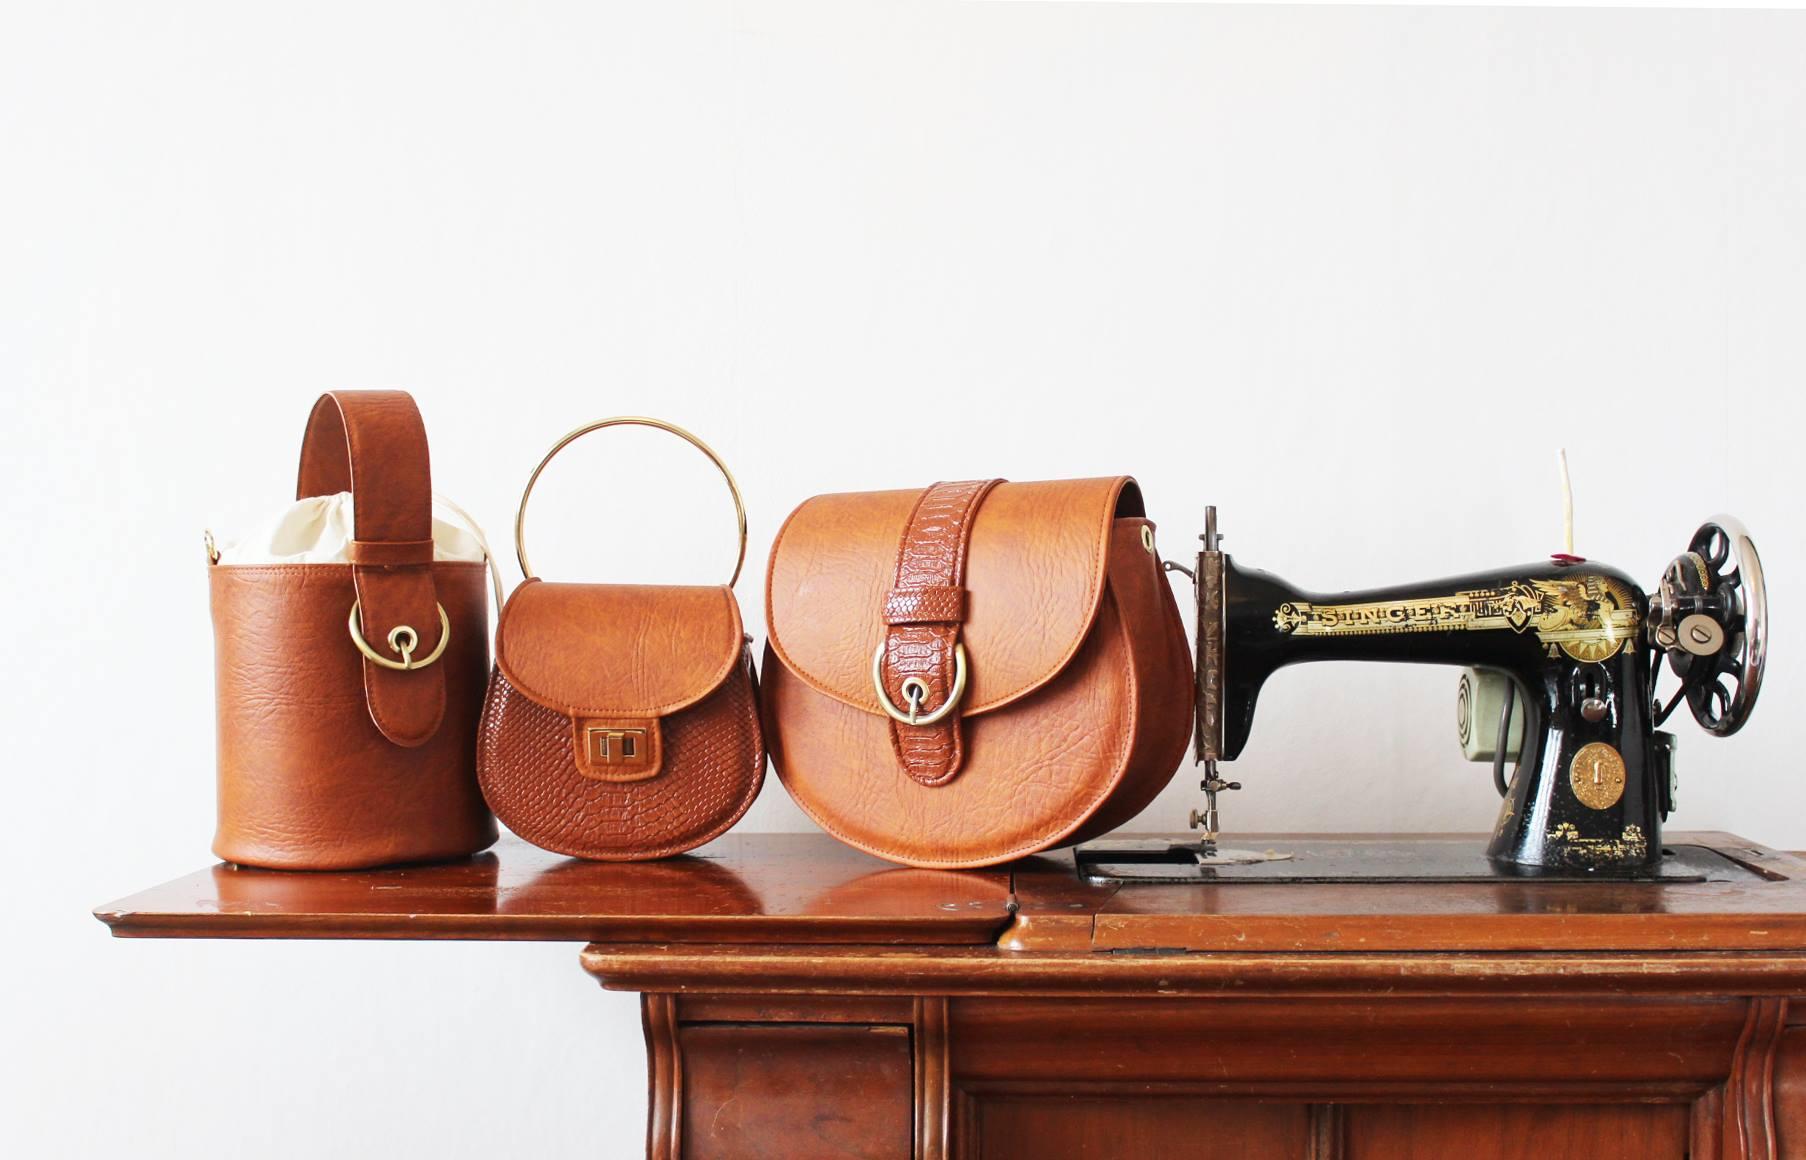 Divne torbice, šik rajfovi, šarmantne haljine… Morate vidjeti Nohaa proljetnu kolekciju!